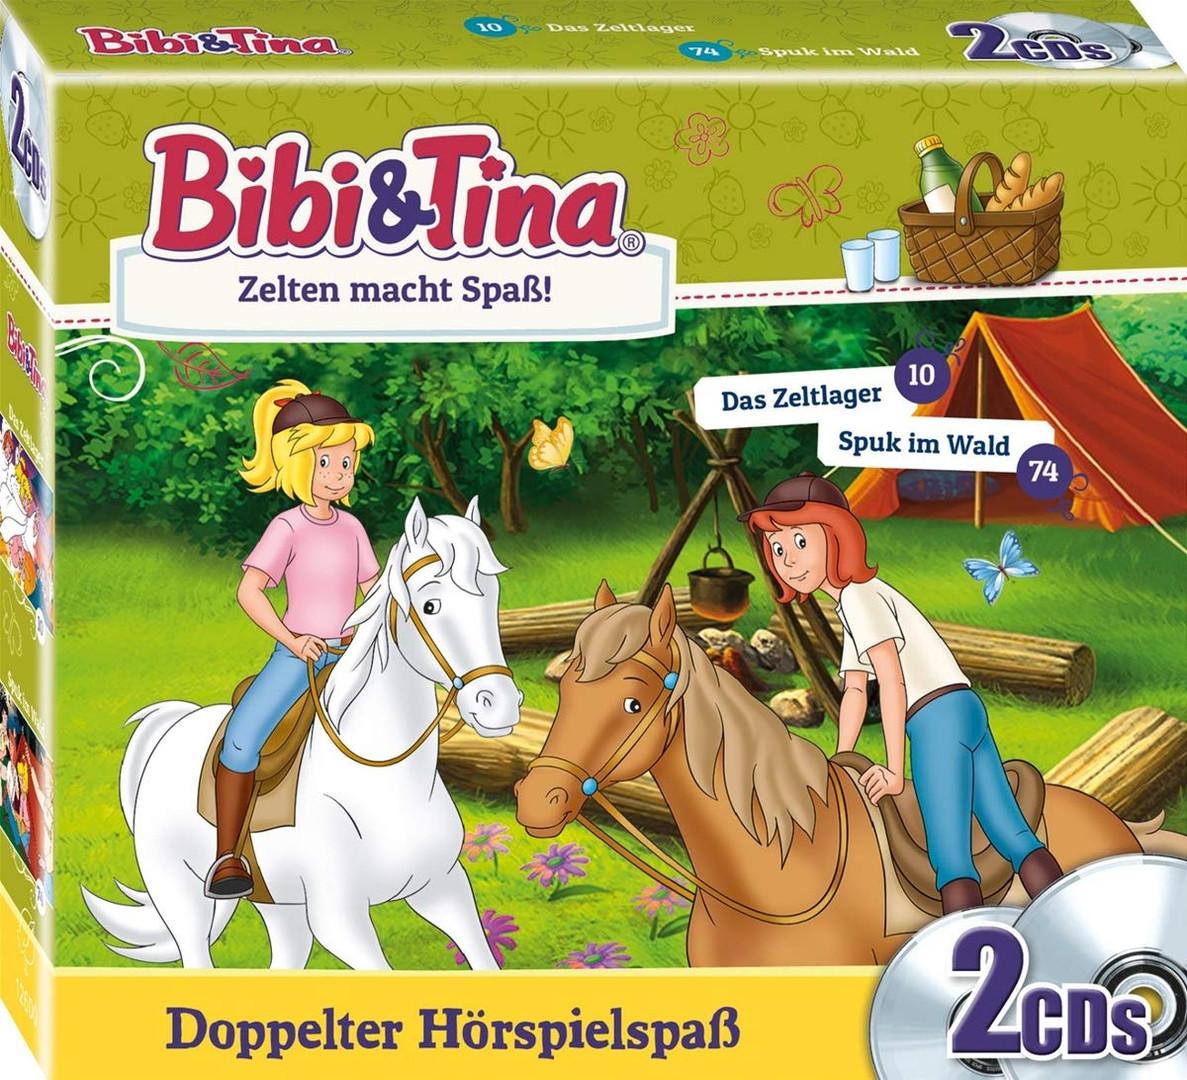 Bibi und Tina - Zelten macht Spaß (2 CDs)